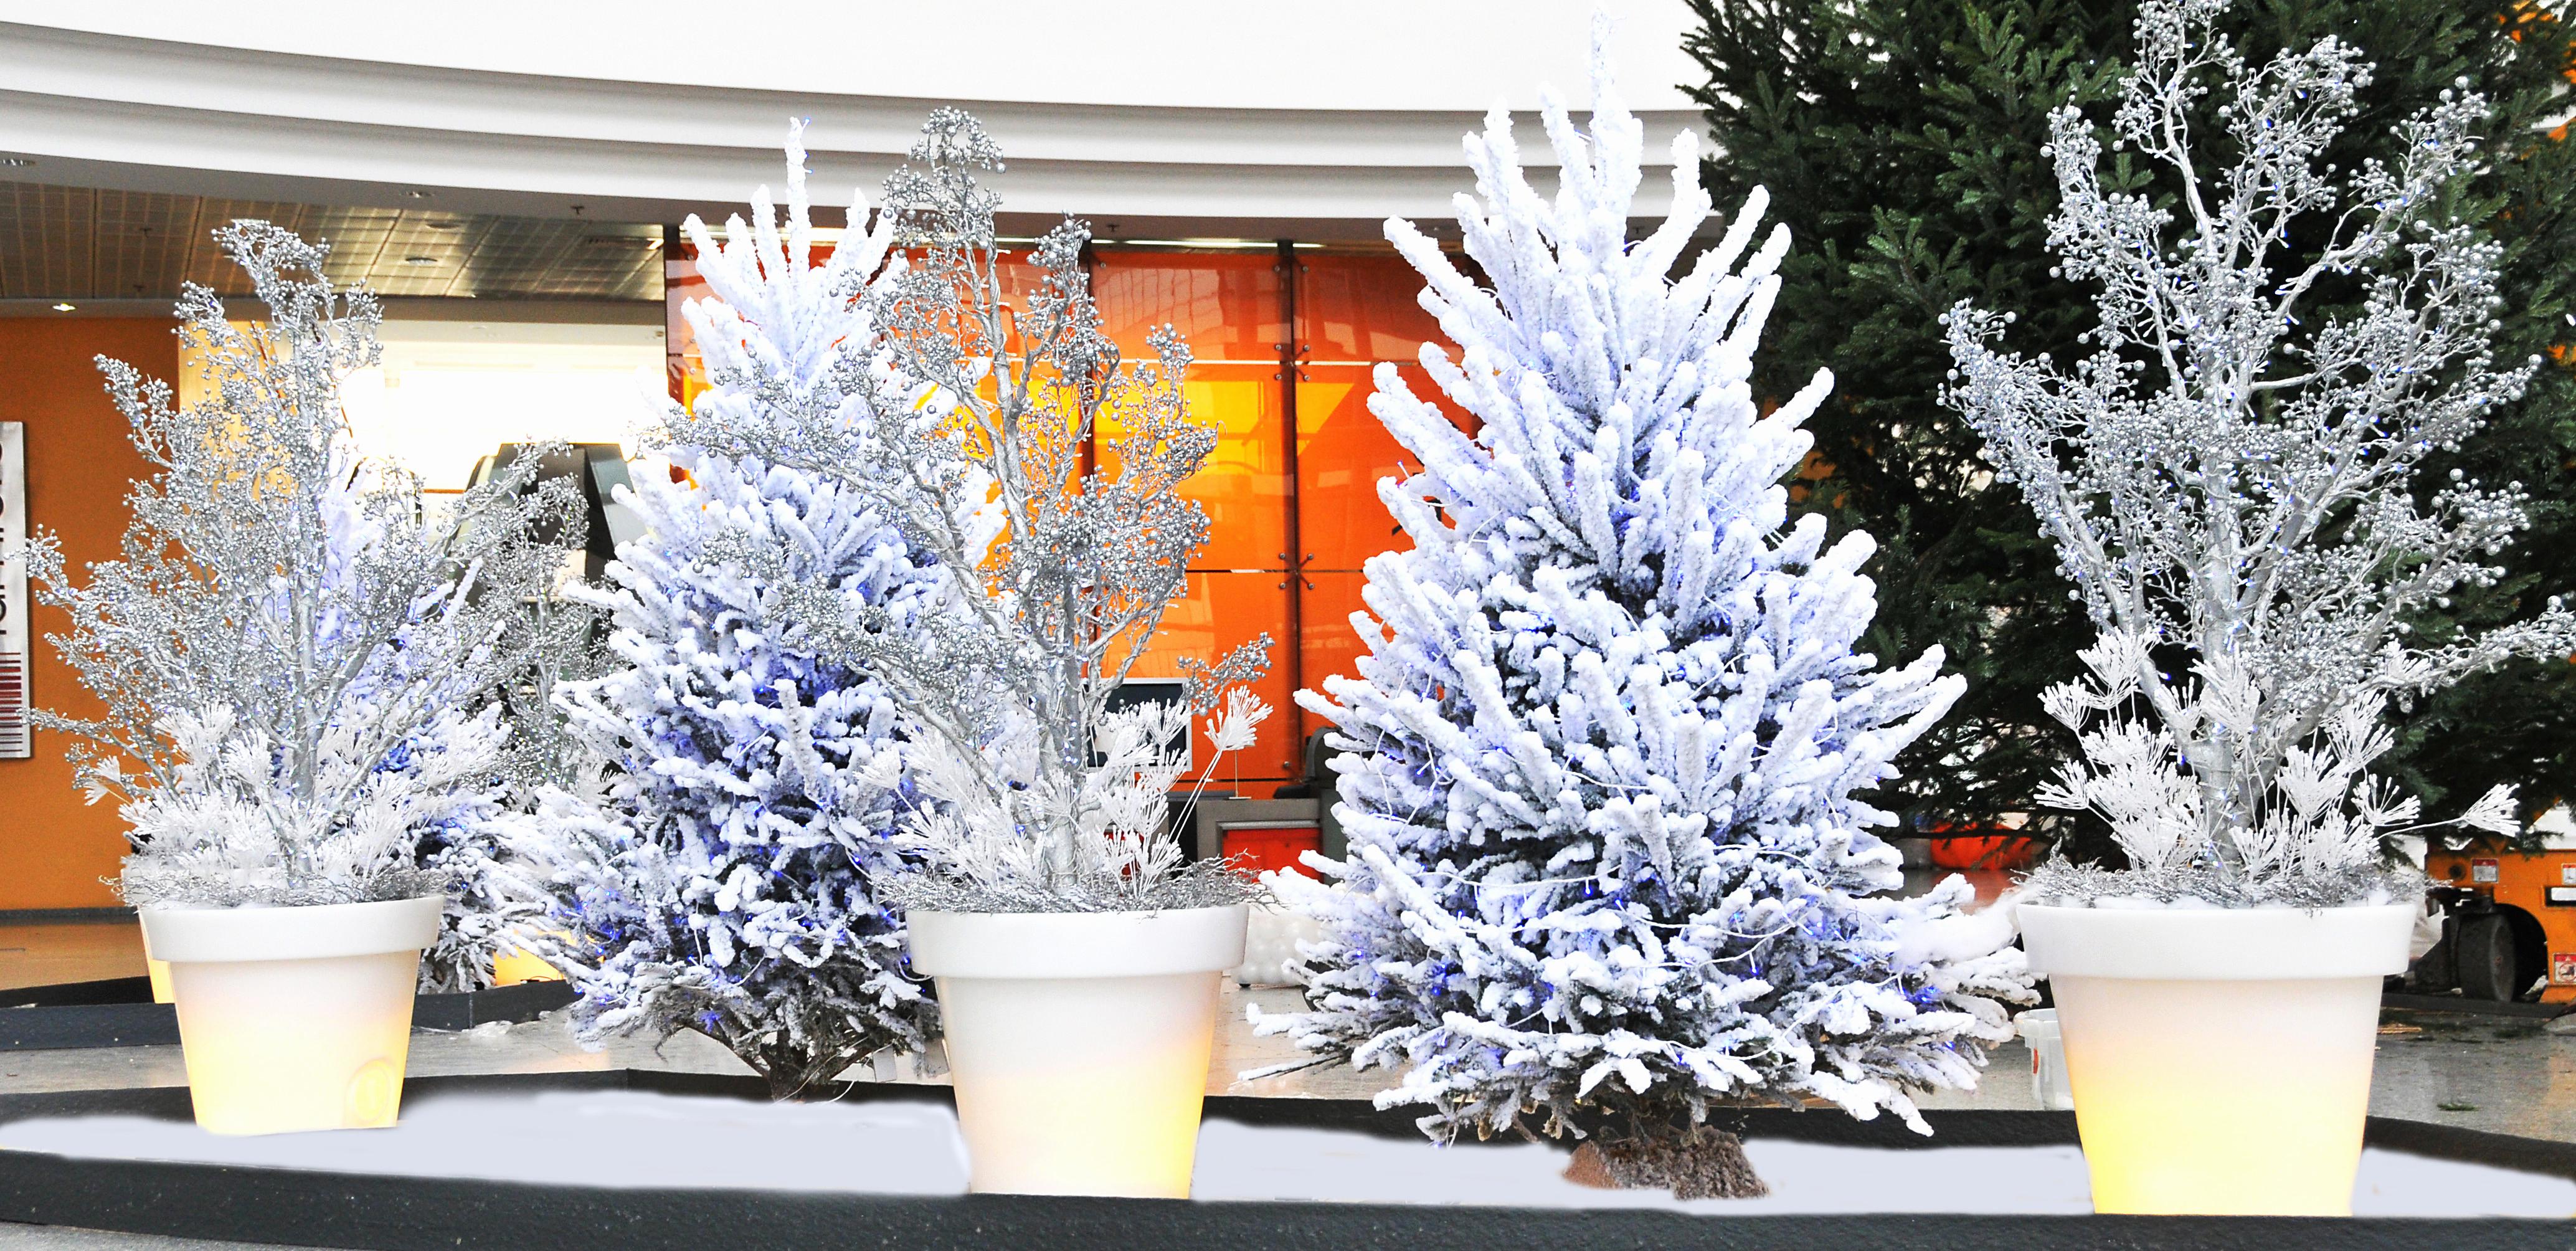 Decoration exterieur noel professionnel Decorations de noel exterieures